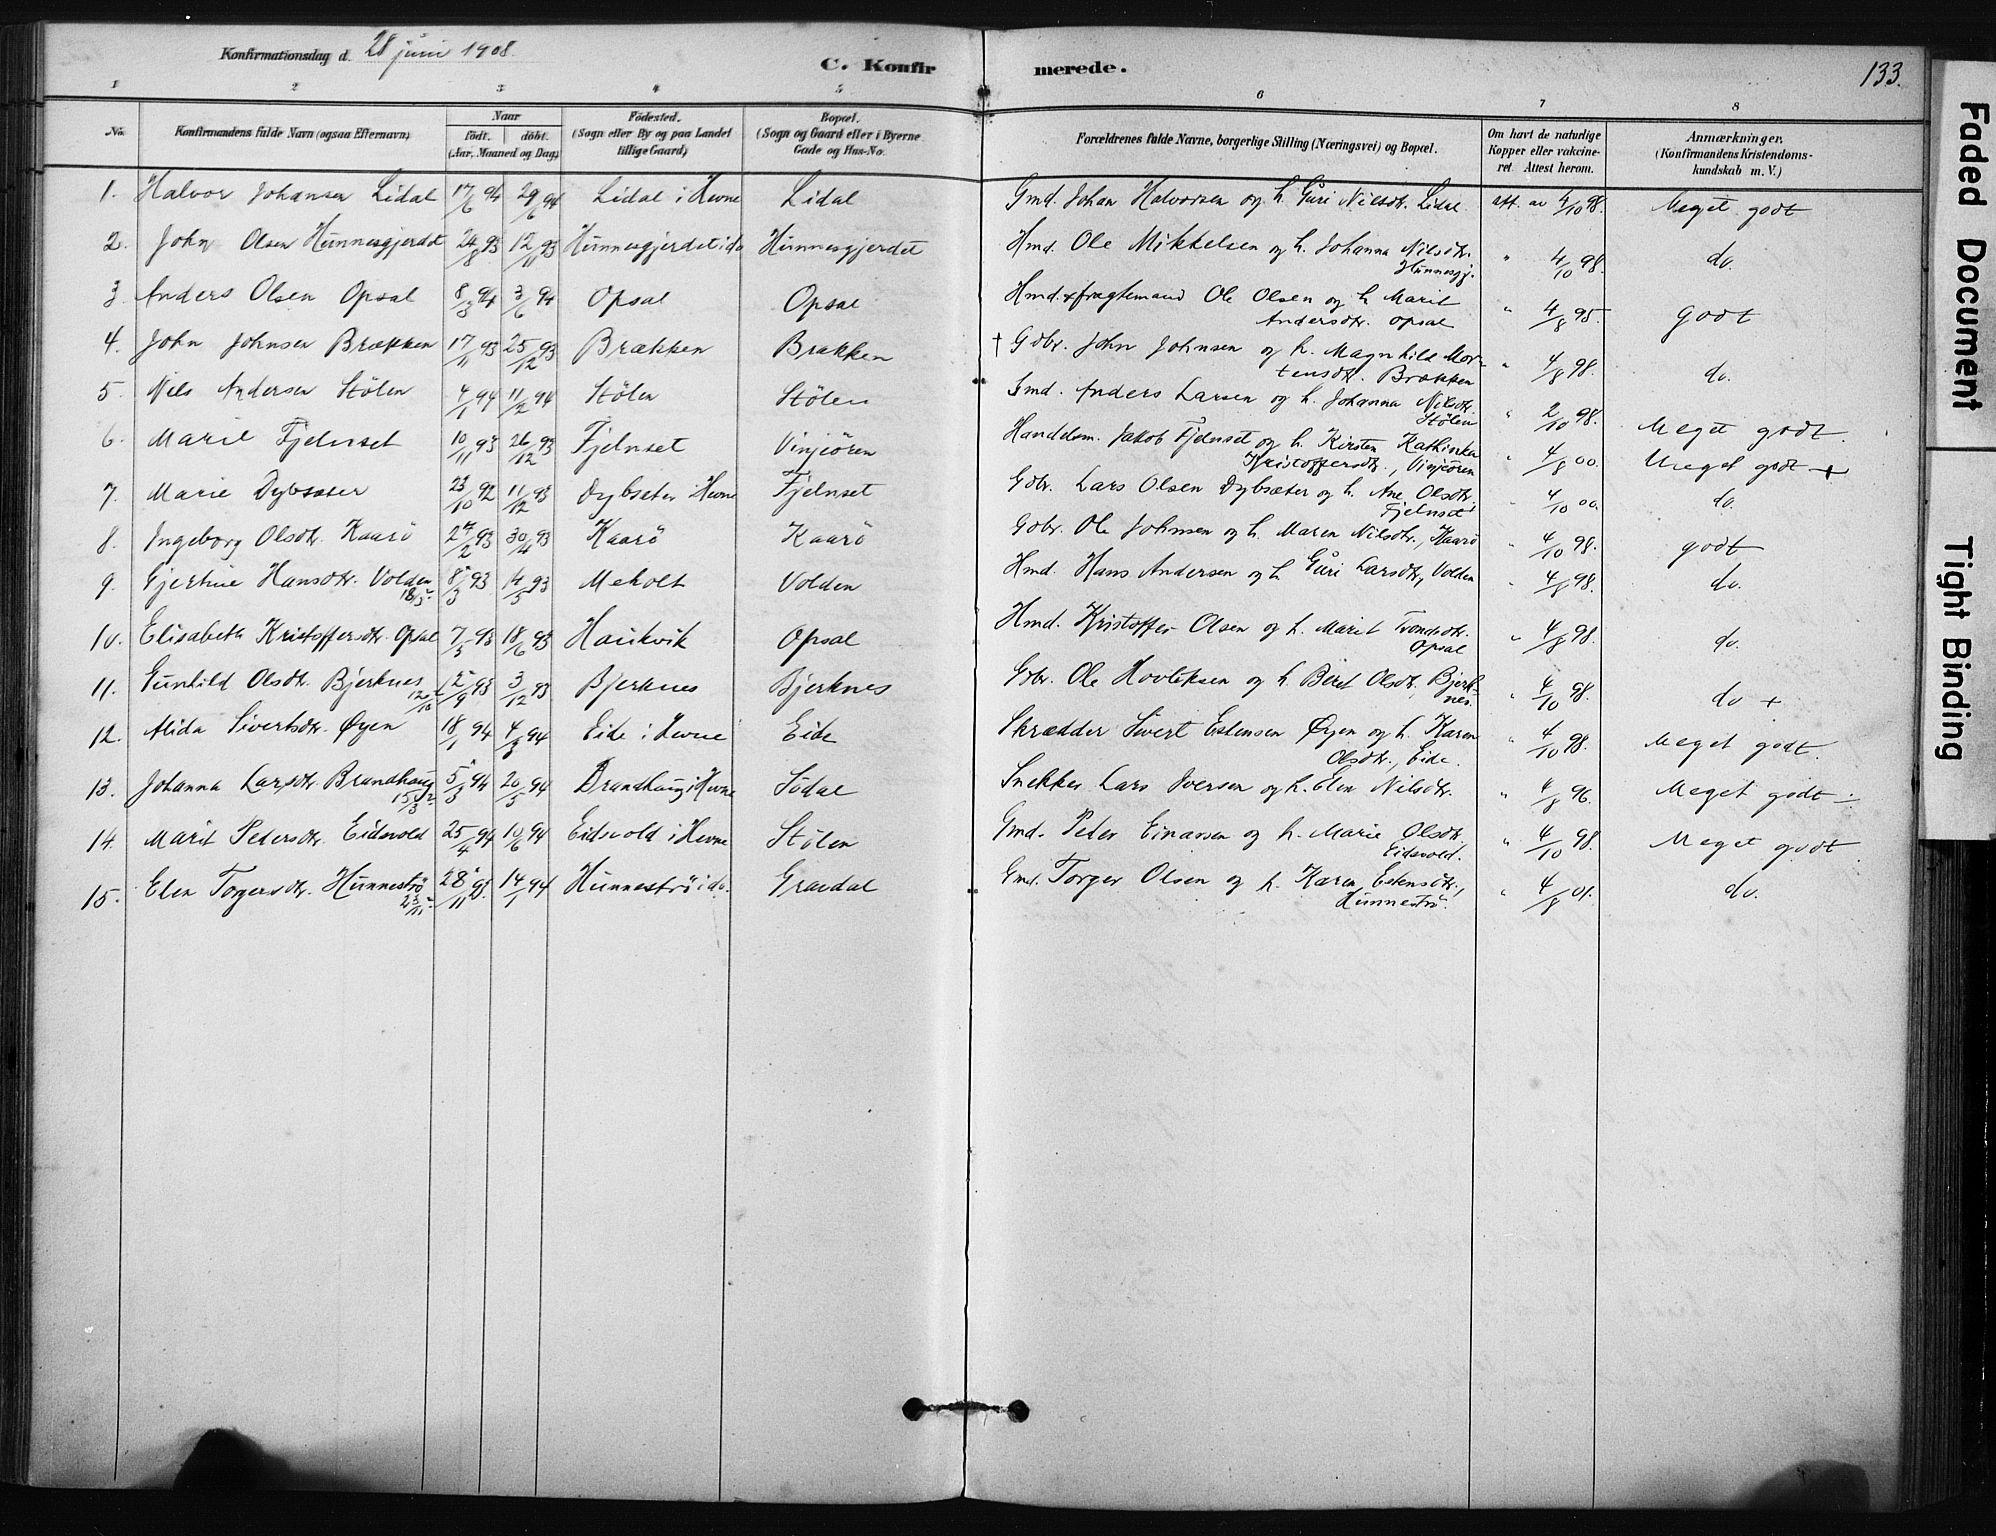 SAT, Ministerialprotokoller, klokkerbøker og fødselsregistre - Sør-Trøndelag, 631/L0512: Ministerialbok nr. 631A01, 1879-1912, s. 133